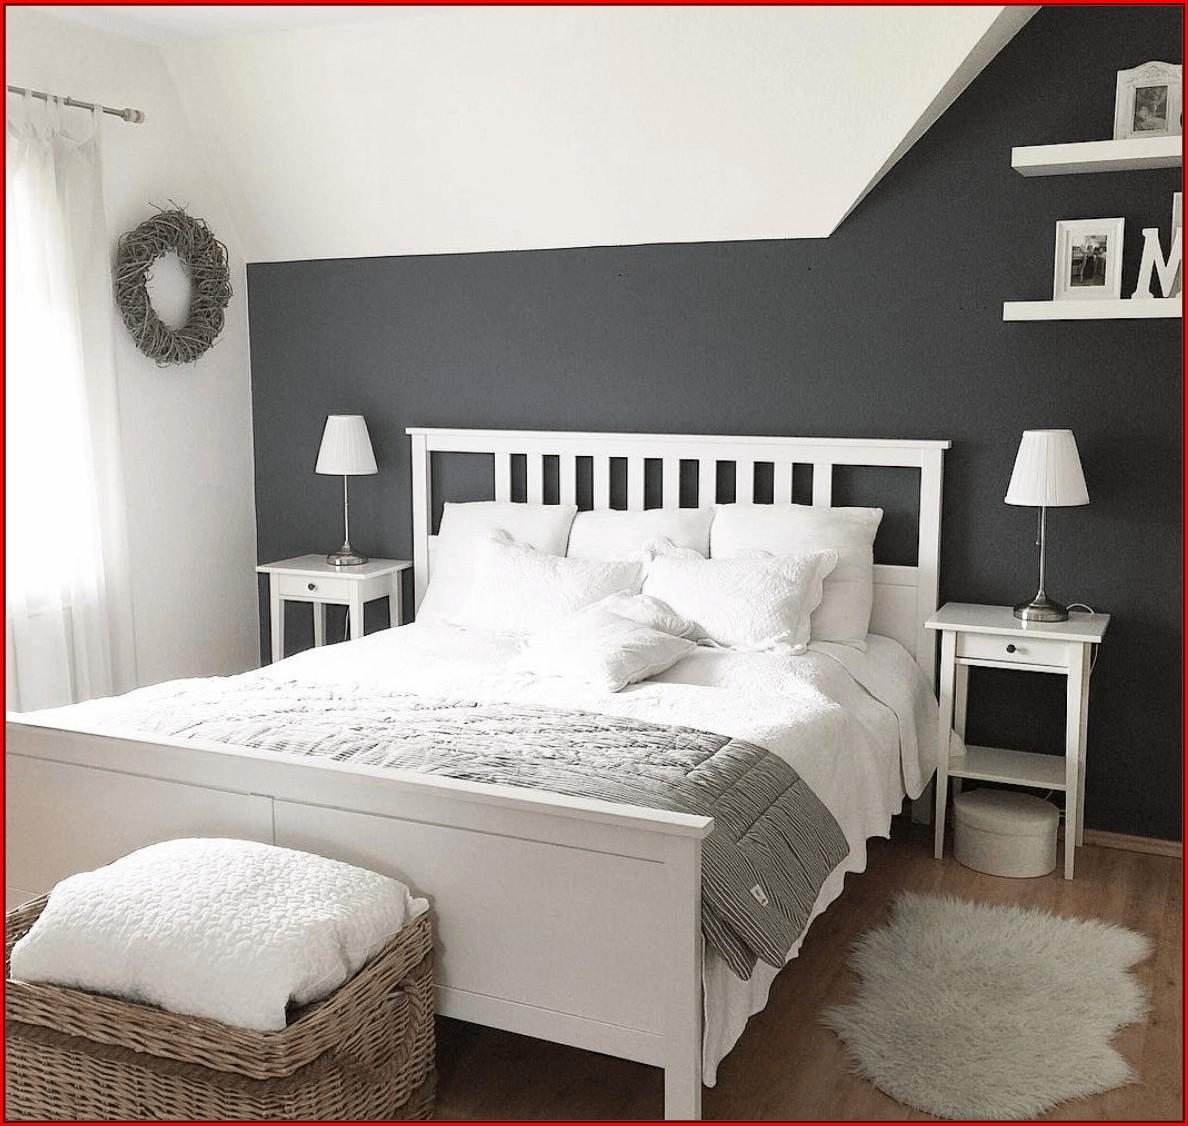 Deko Ideen Schlafzimmer Grau Weiß